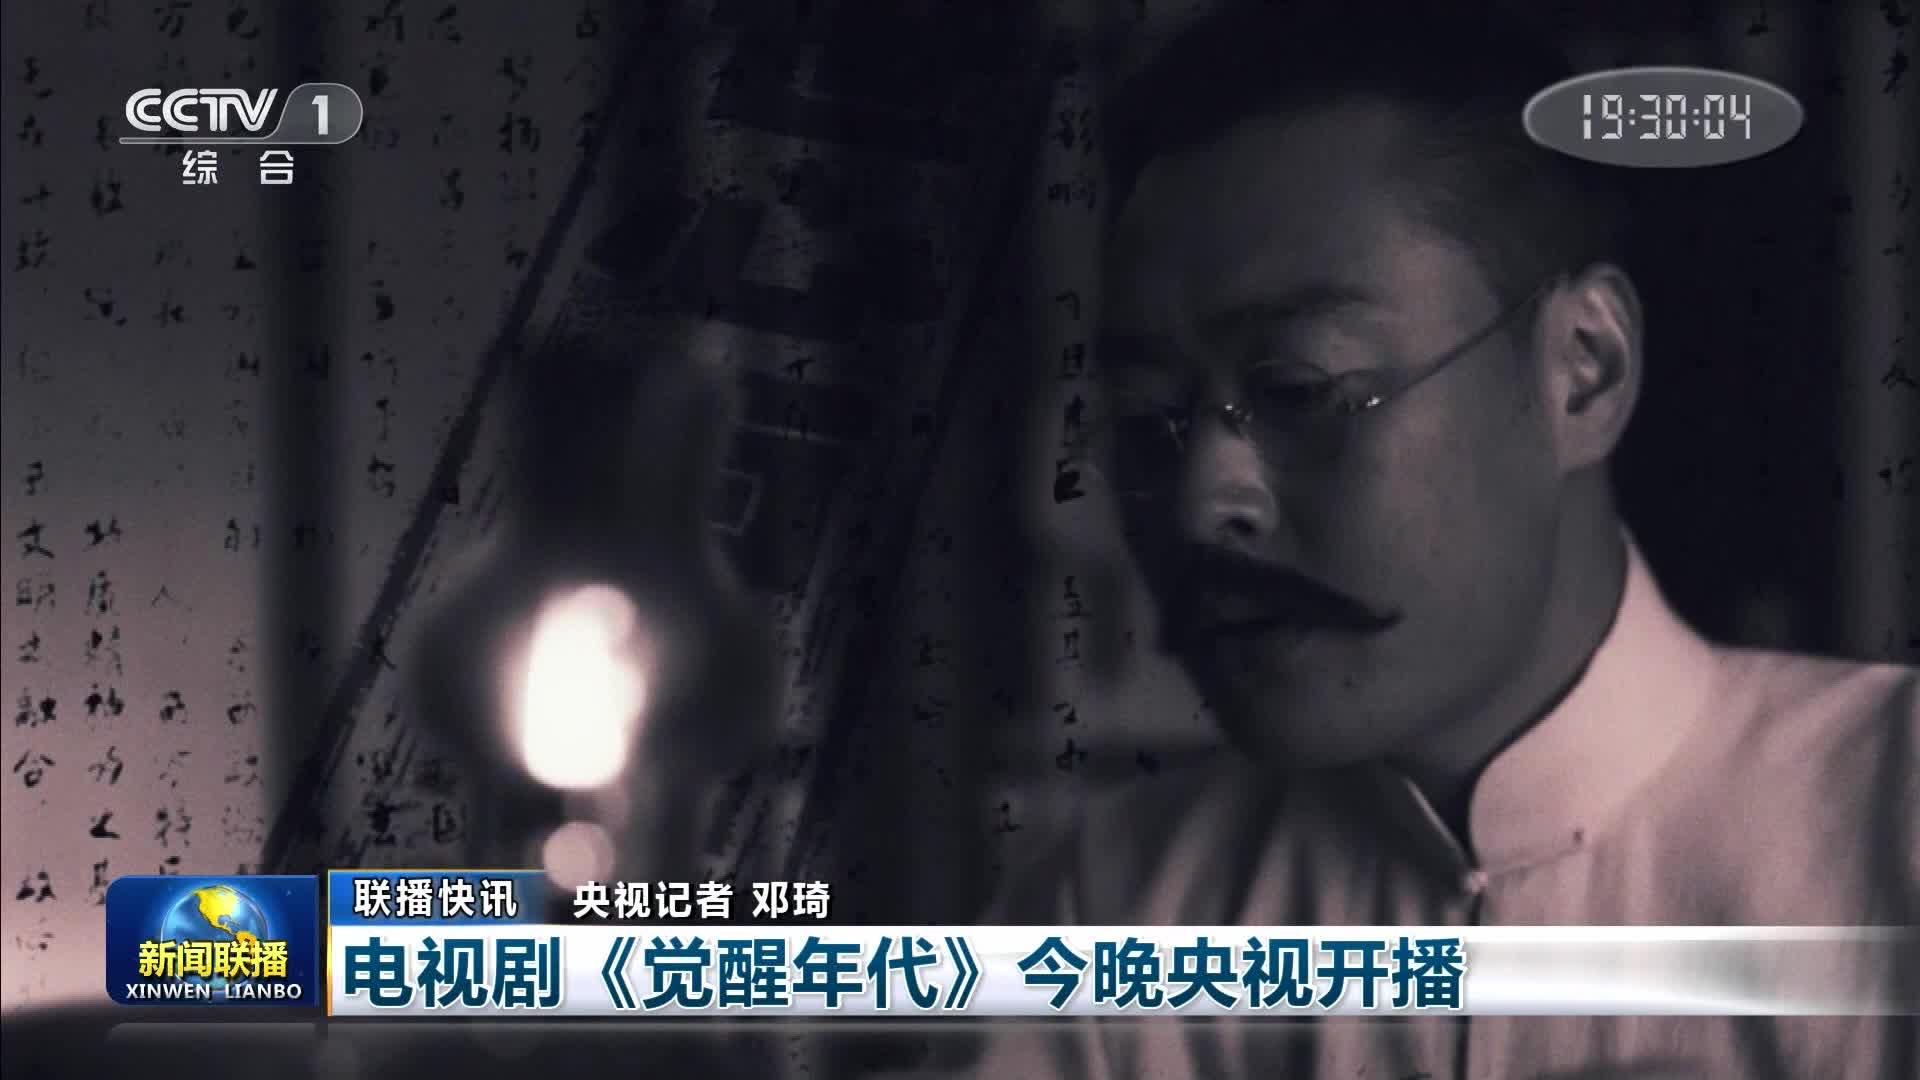 【联播快讯】电视剧《觉醒年代》今晚央视开播